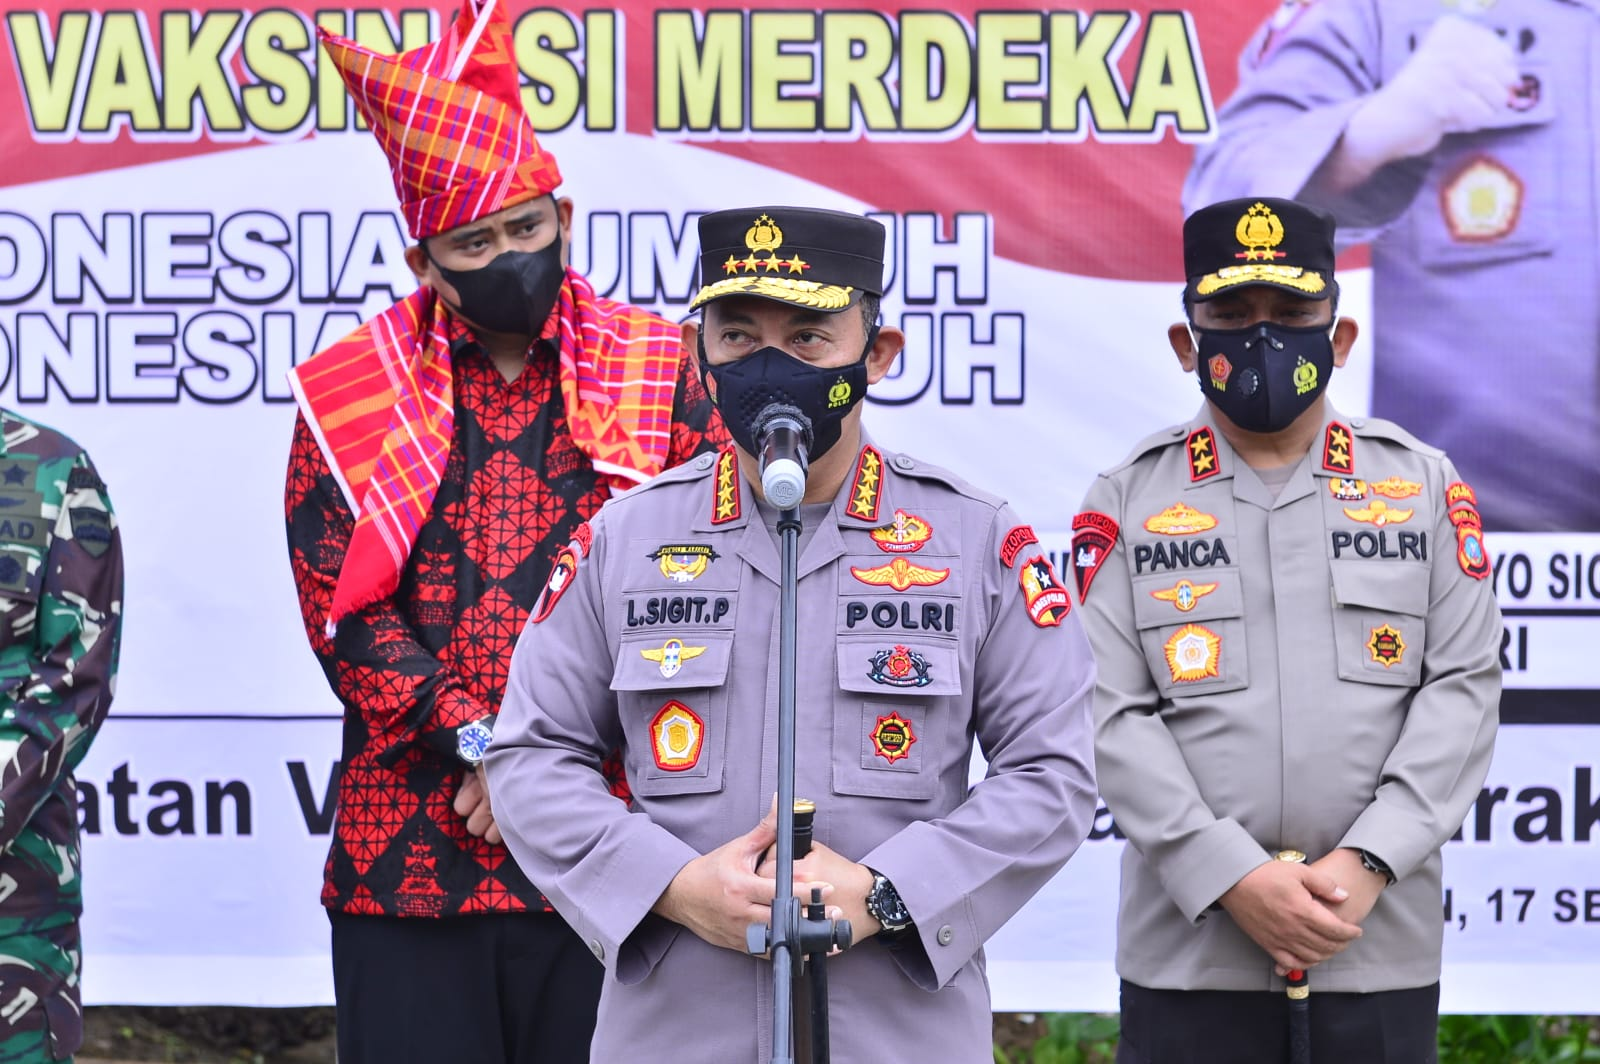 Tinjau Vaksinasi Serentak 31 Titik di Sumut, Kapolri Optimis, Target Indonesia Tercapai